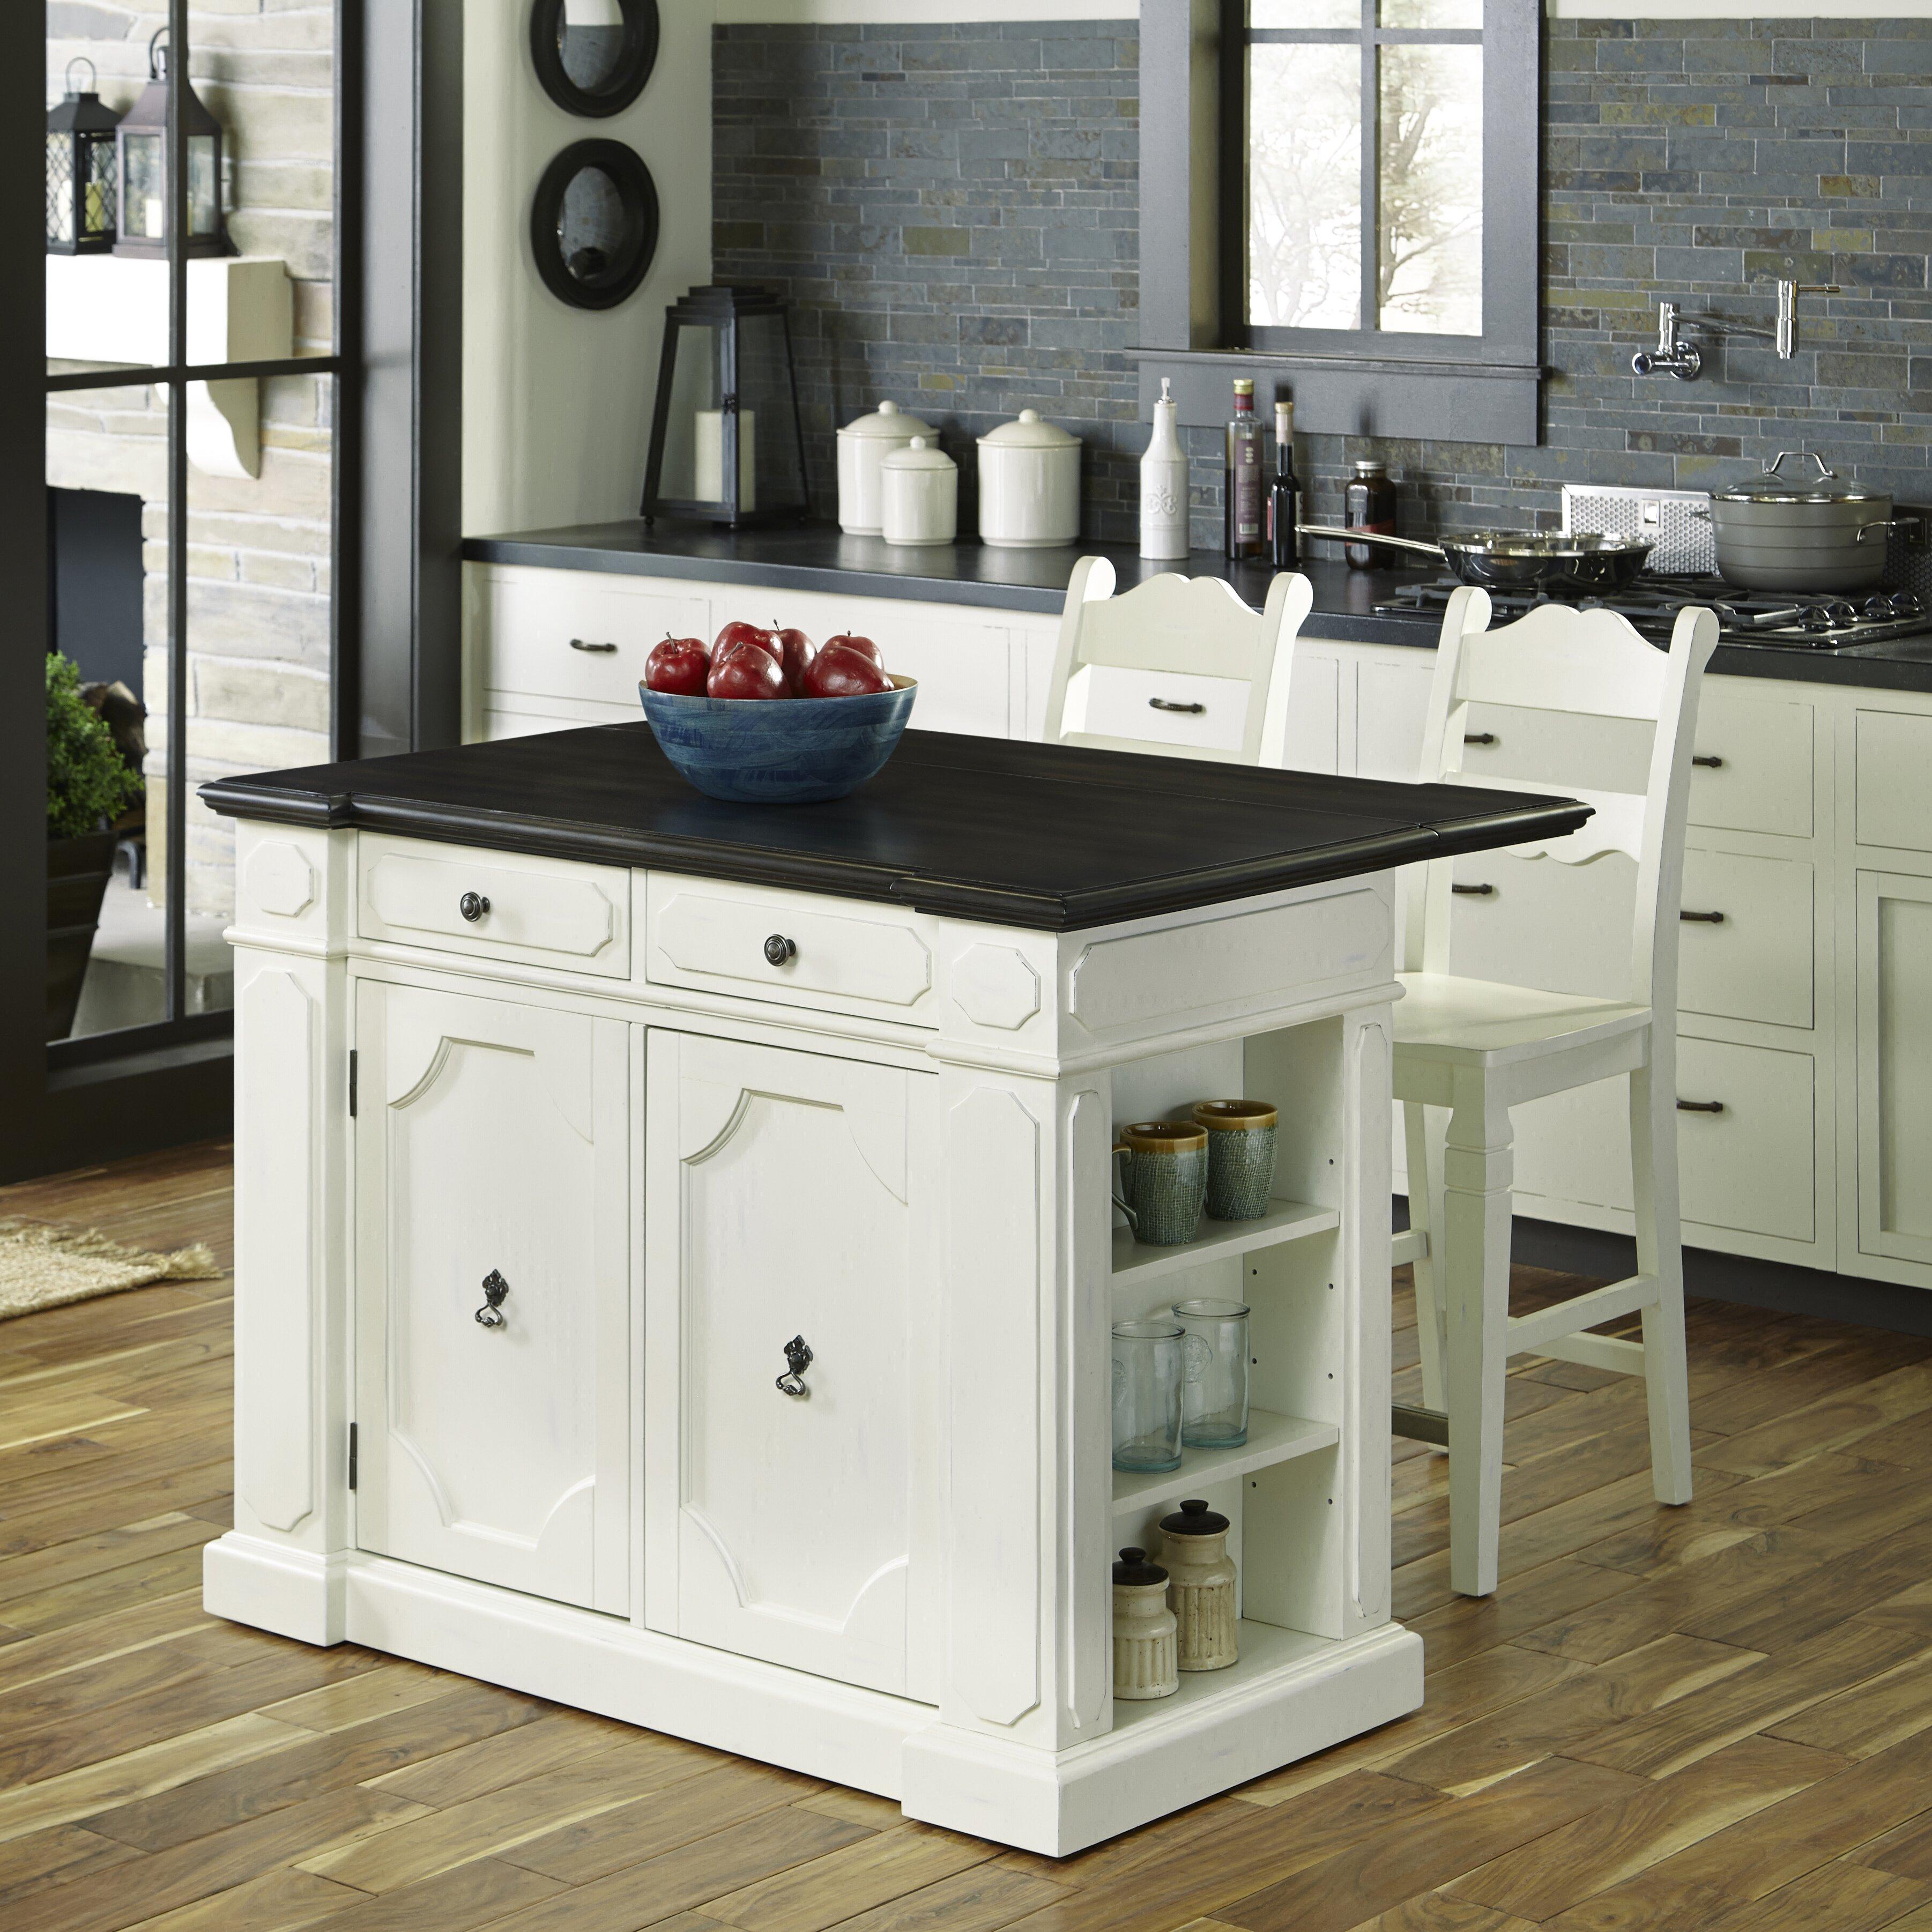 Home Styles Fiesta Kitchen Island Set